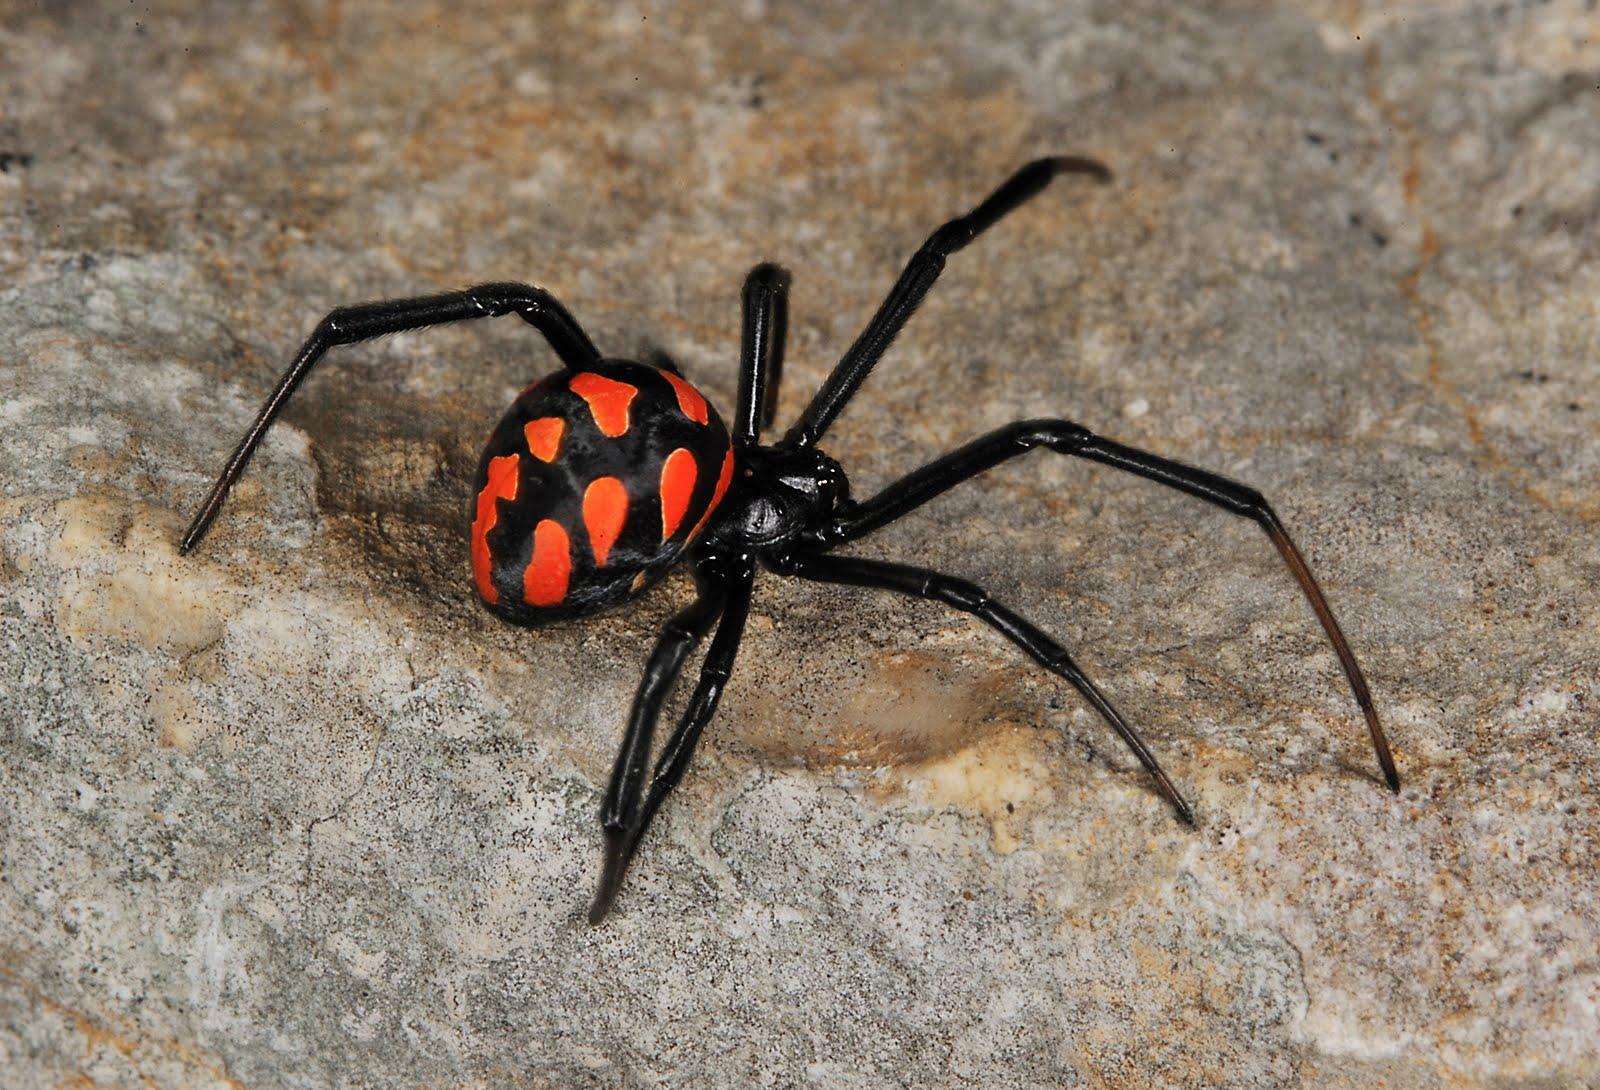 Las 5 arañas más venenosas de España y cómo identificarlas